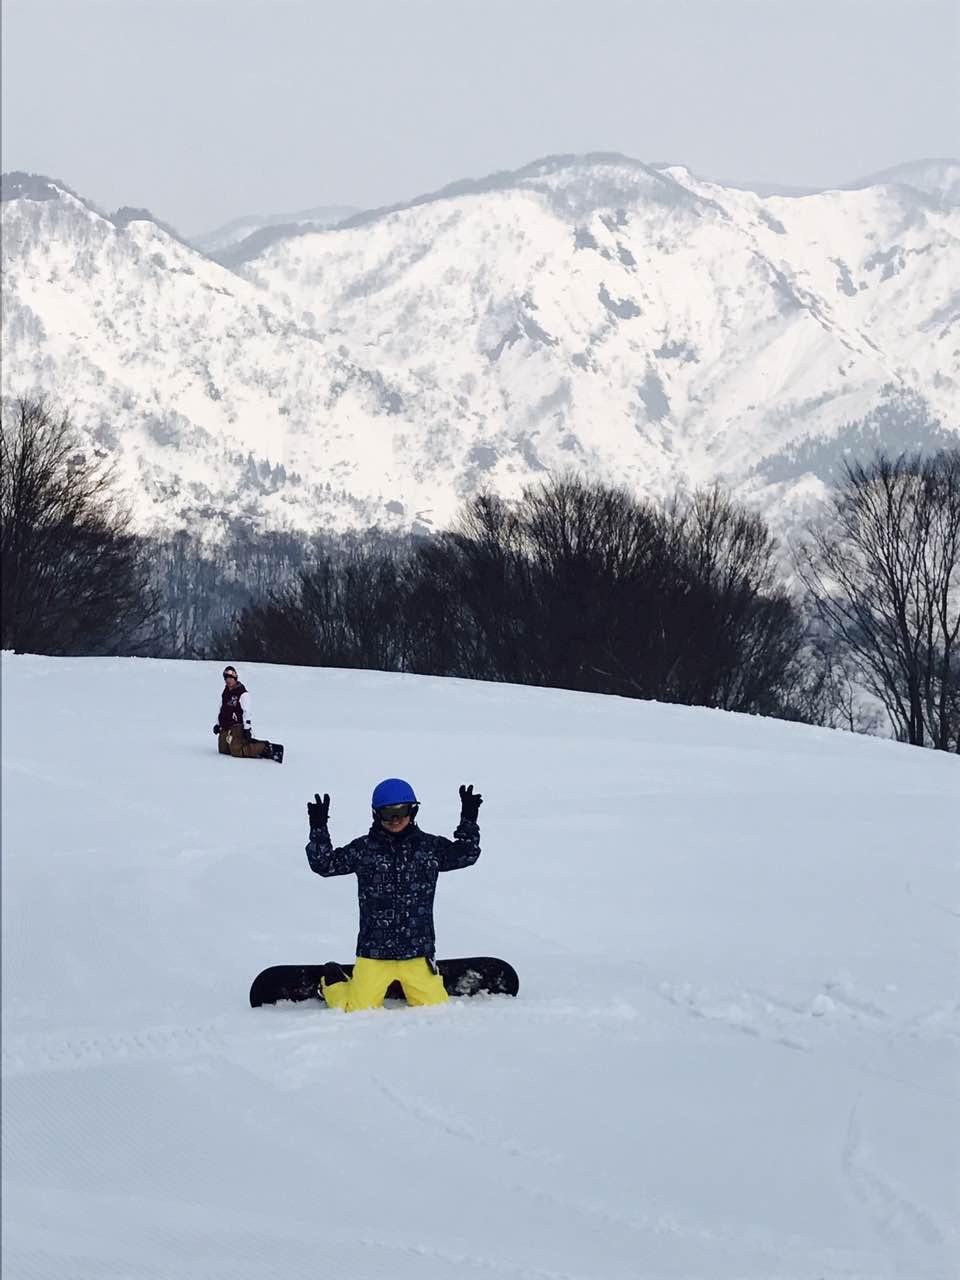 滑雪的人 2